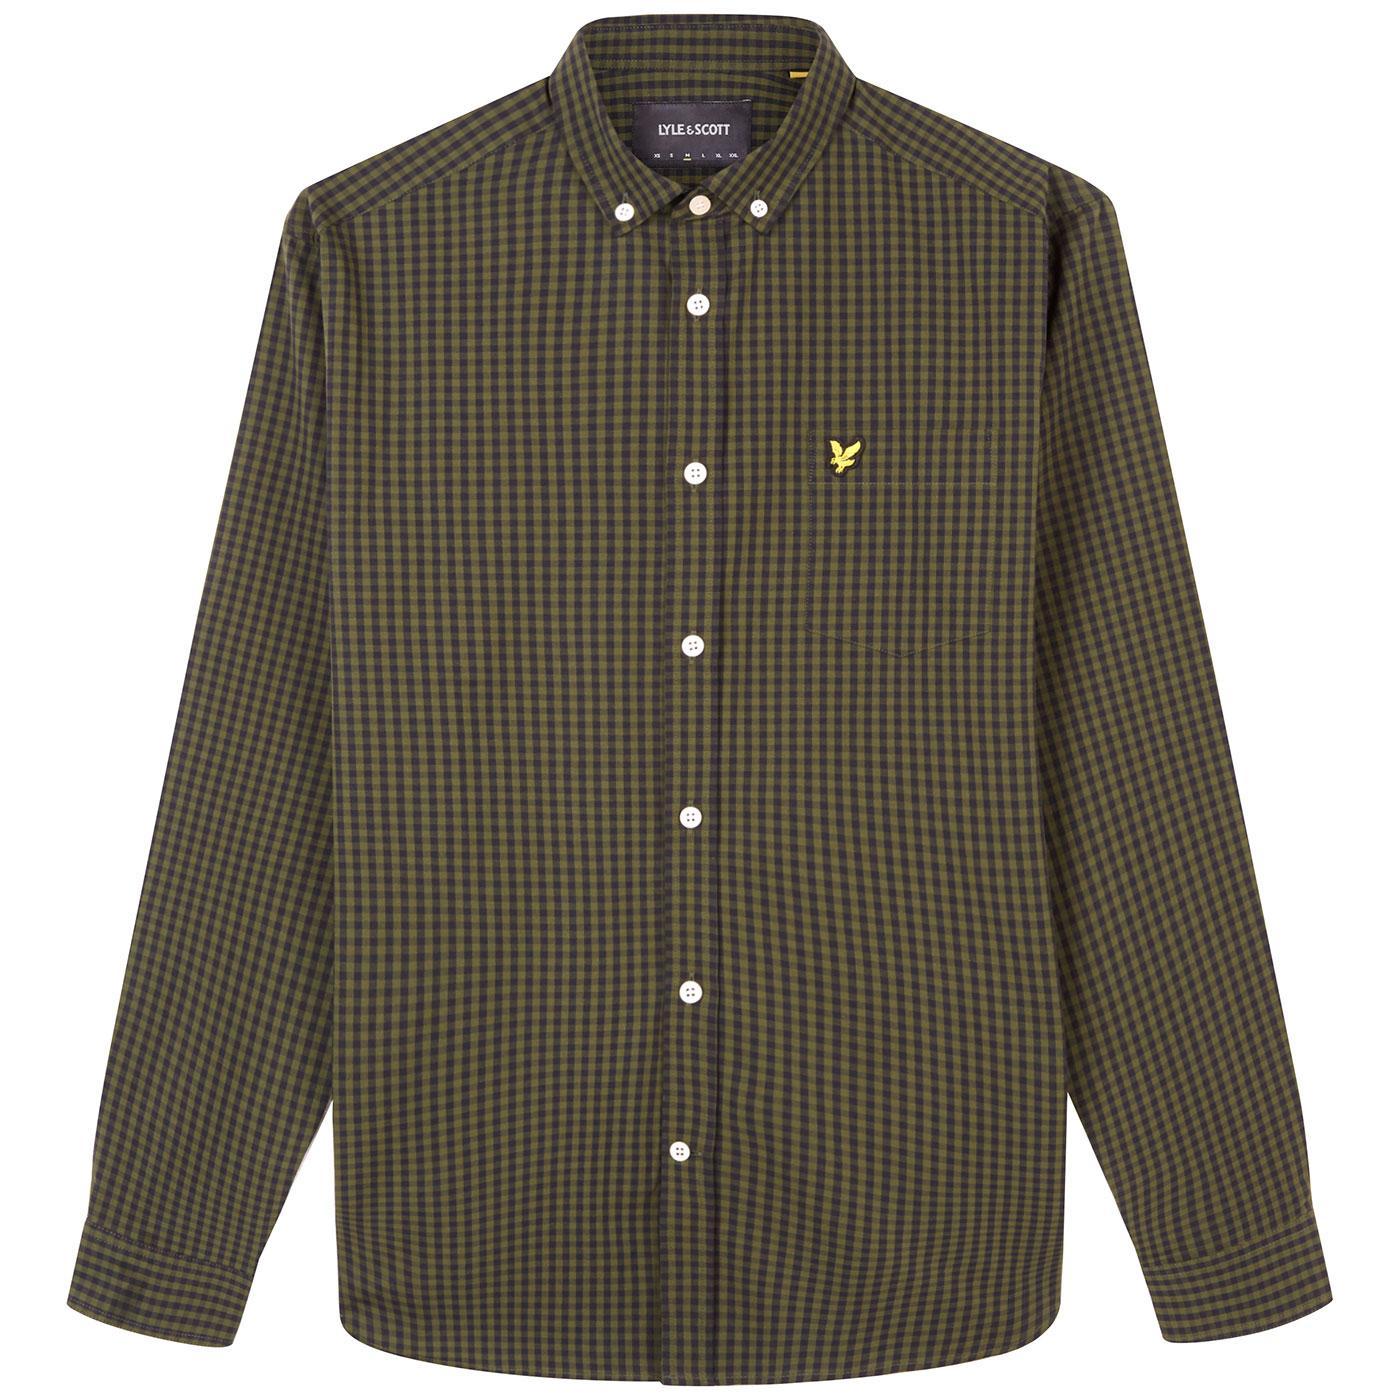 LYLE & SCOTT Mod Button Down Gingham Shirt (B/G)